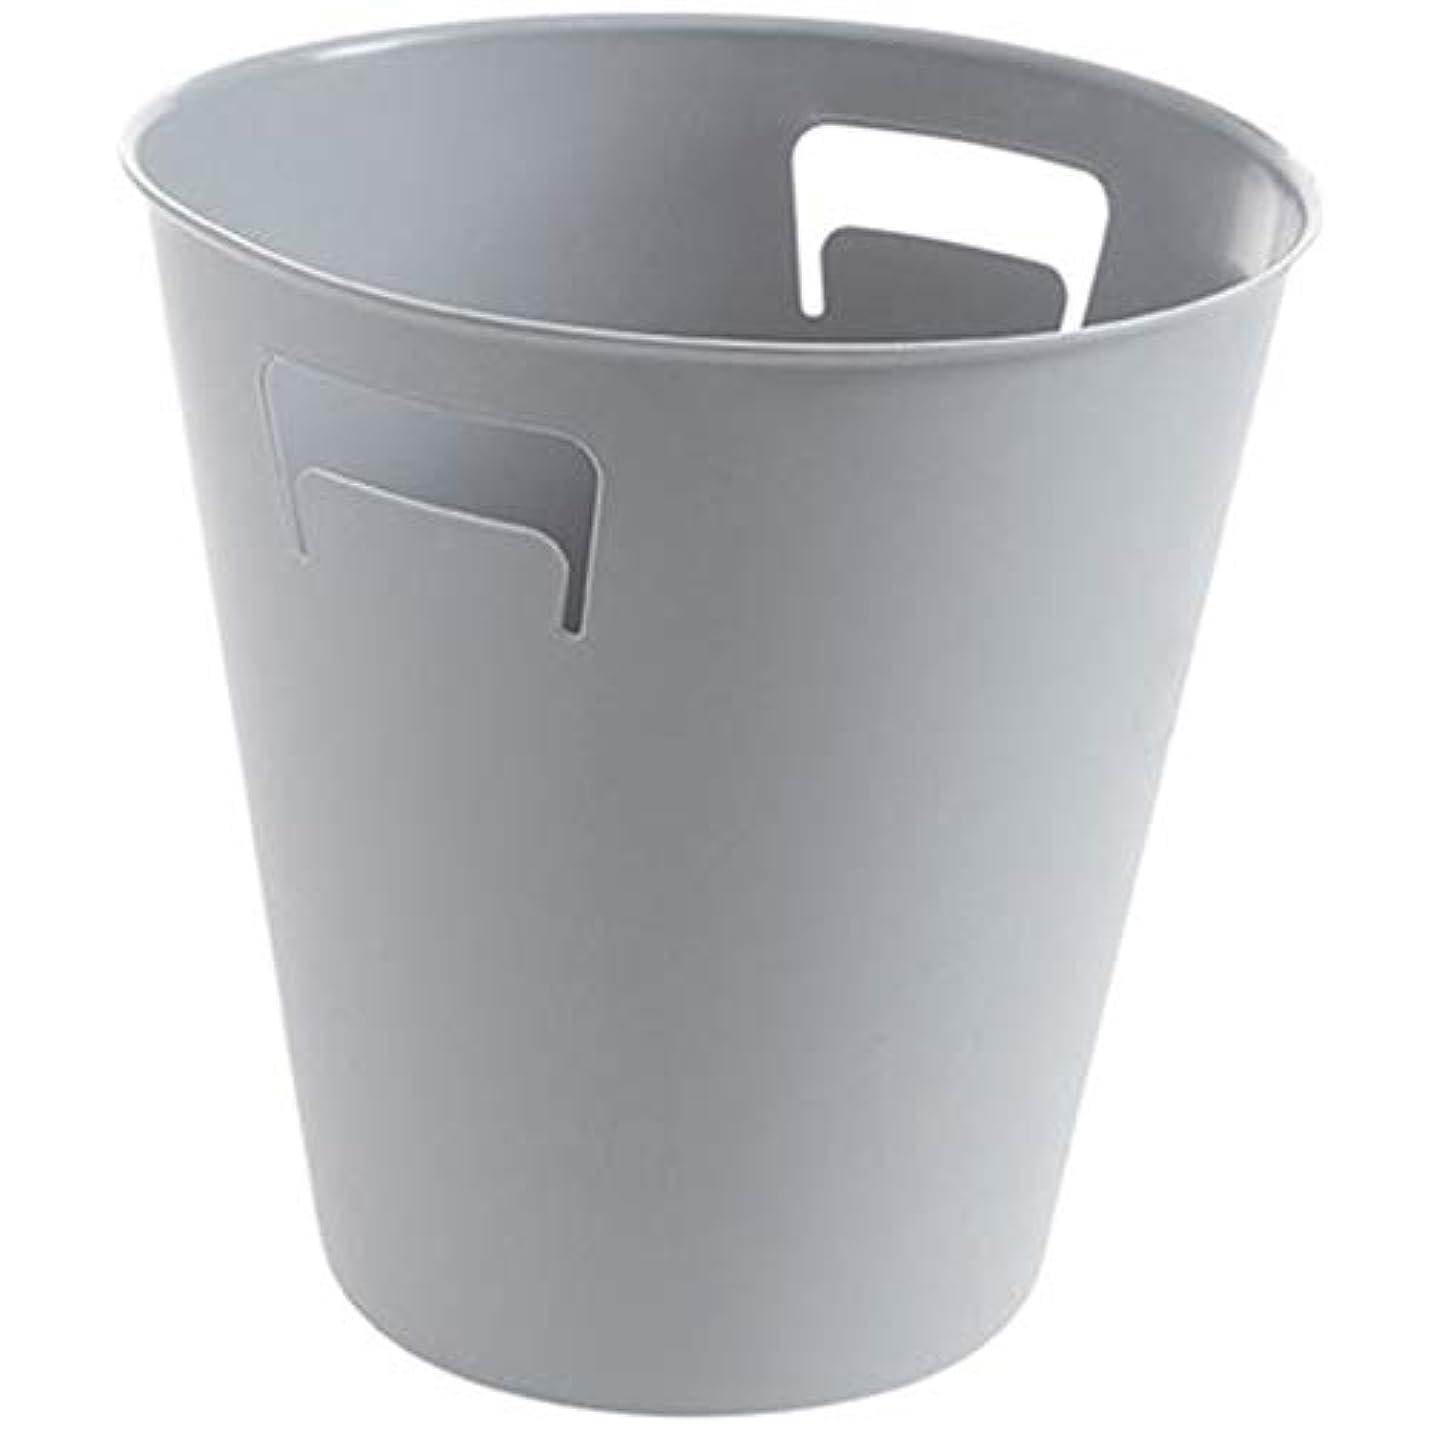 パブ最小混雑IUYWLごみ箱 いいえ圧力リング丸ゴミ箱ゴミ箱pressureキッチン浴室家庭用プラスチックゴミ箱ゴミ箱 IUYWLごみ箱 (Color : Gray)